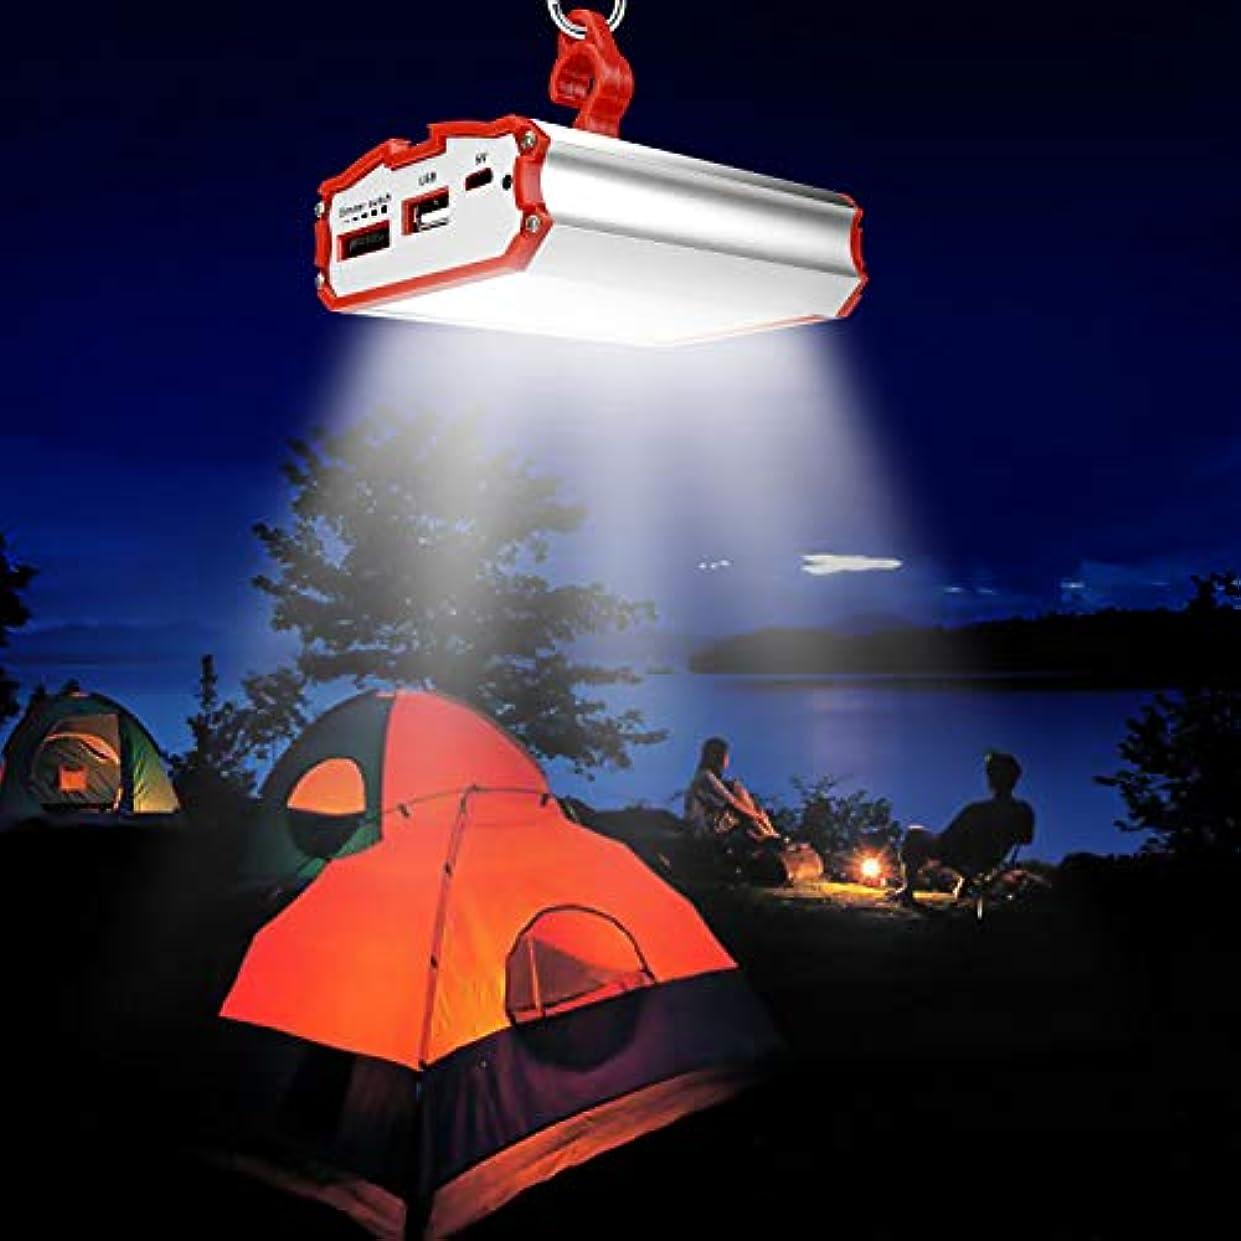 粒呼びかけるアマチュアAUGYMER LEDランタン パワーバンク両用 キャンプライト LED投光器 作業灯 明らかさ5段調整 5200mAhモバイルバッテリー 21ヶled電球 最大約100時間連続照明 USB充電式 IP65防水防塵 軽量 懐中電灯 電球色 駐車場灯 昼光色 強力ライト コンパクト 停電対策 防災対策 災害時備えにも アウトドア ハイキング 登山 夜釣り LEDライト 吊り下げランタン